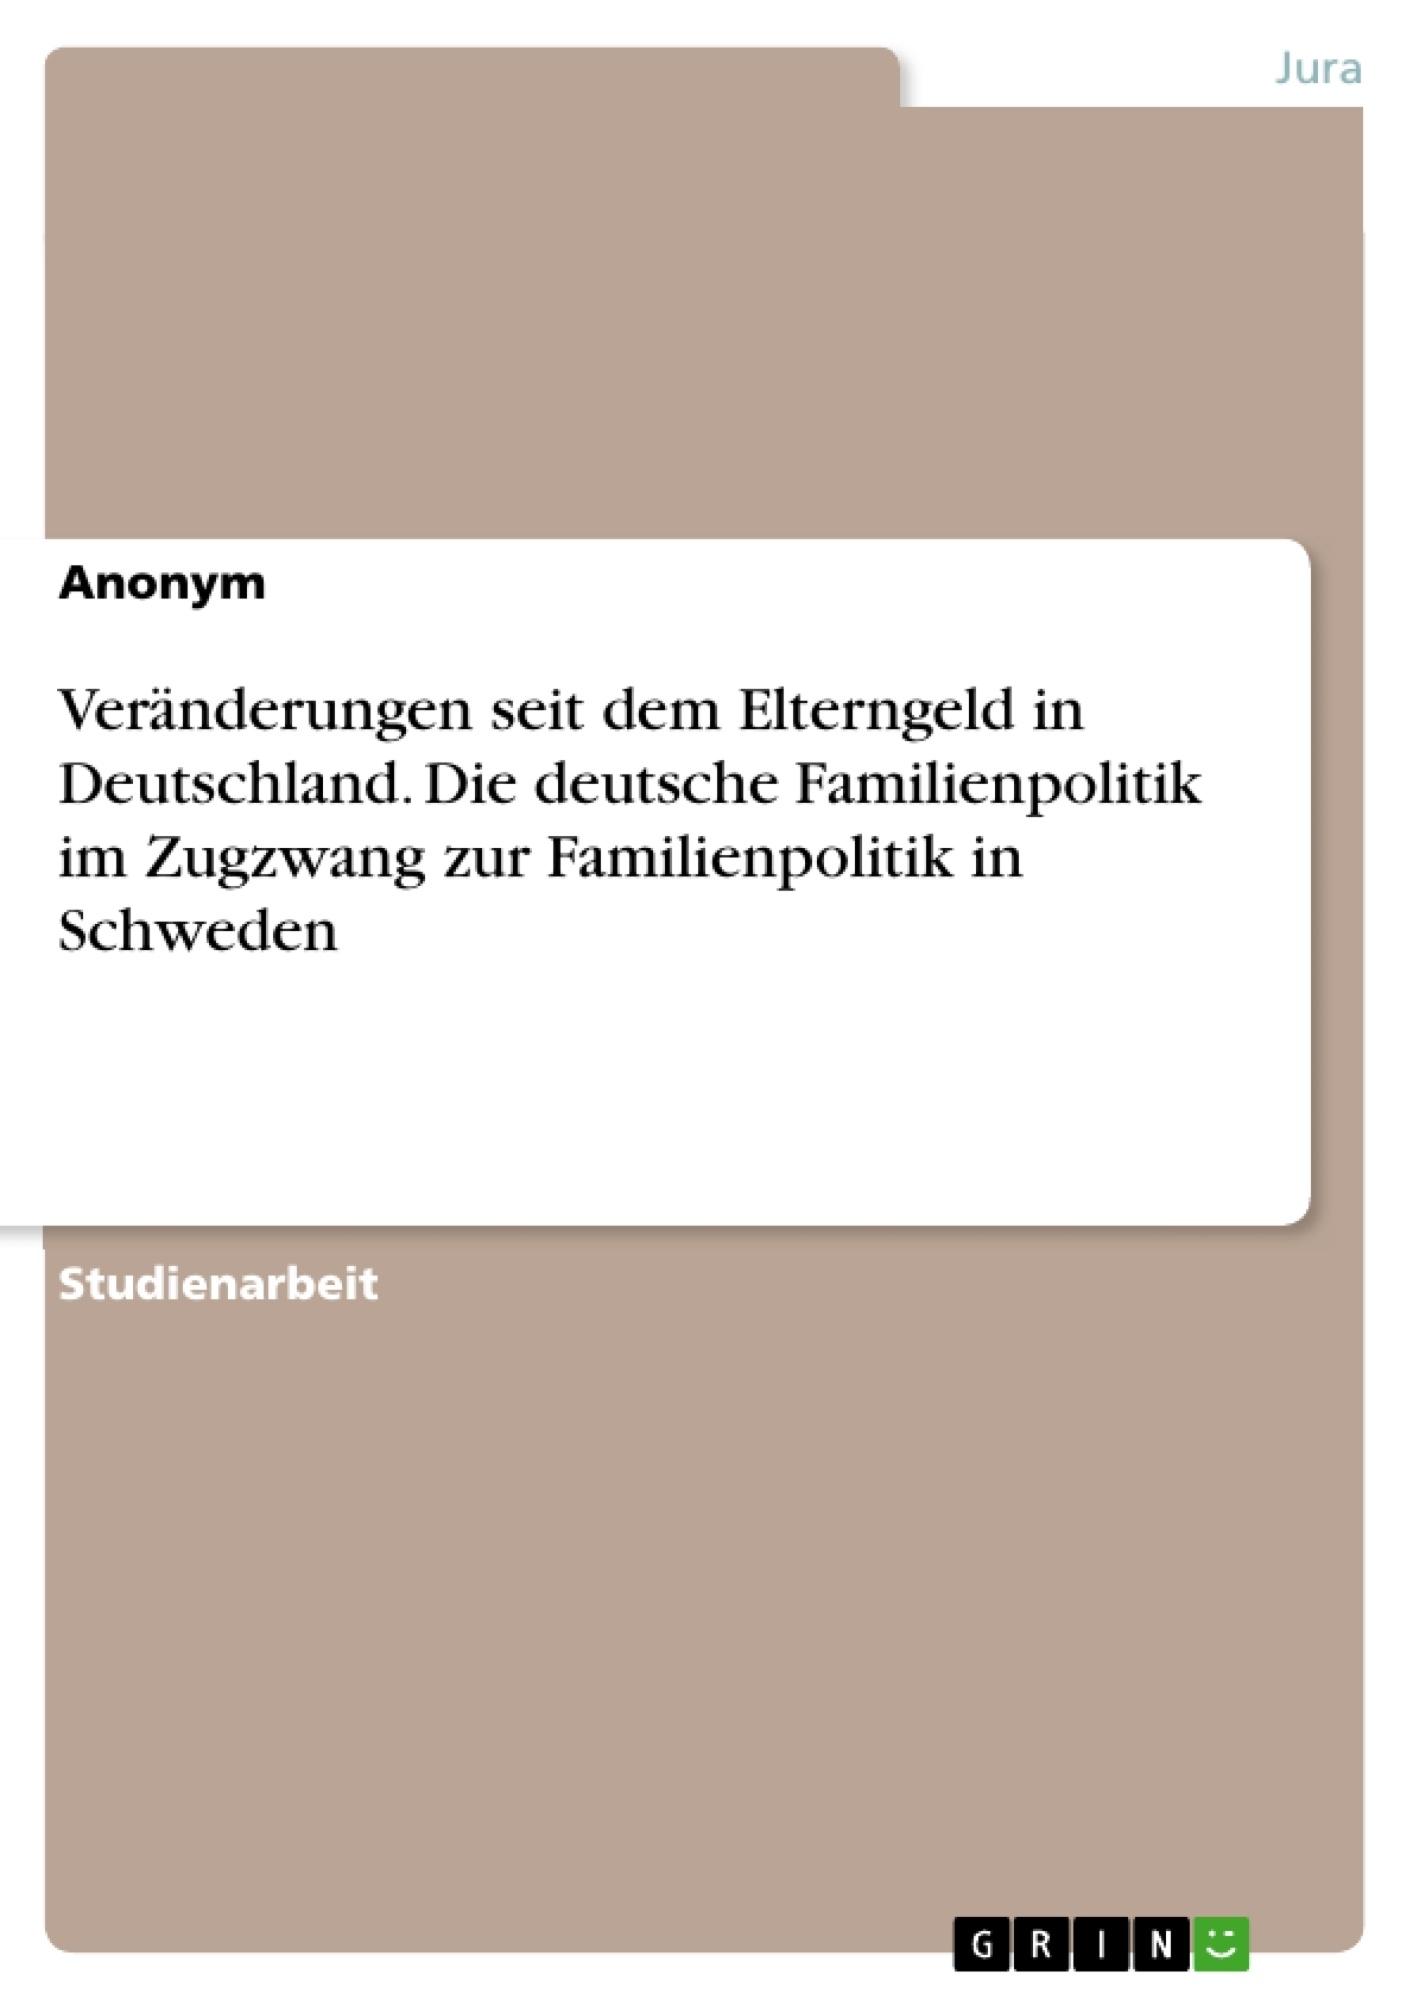 Titel: Veränderungen seit dem Elterngeld in Deutschland. Die deutsche Familienpolitik im Zugzwang zur Familienpolitik in Schweden